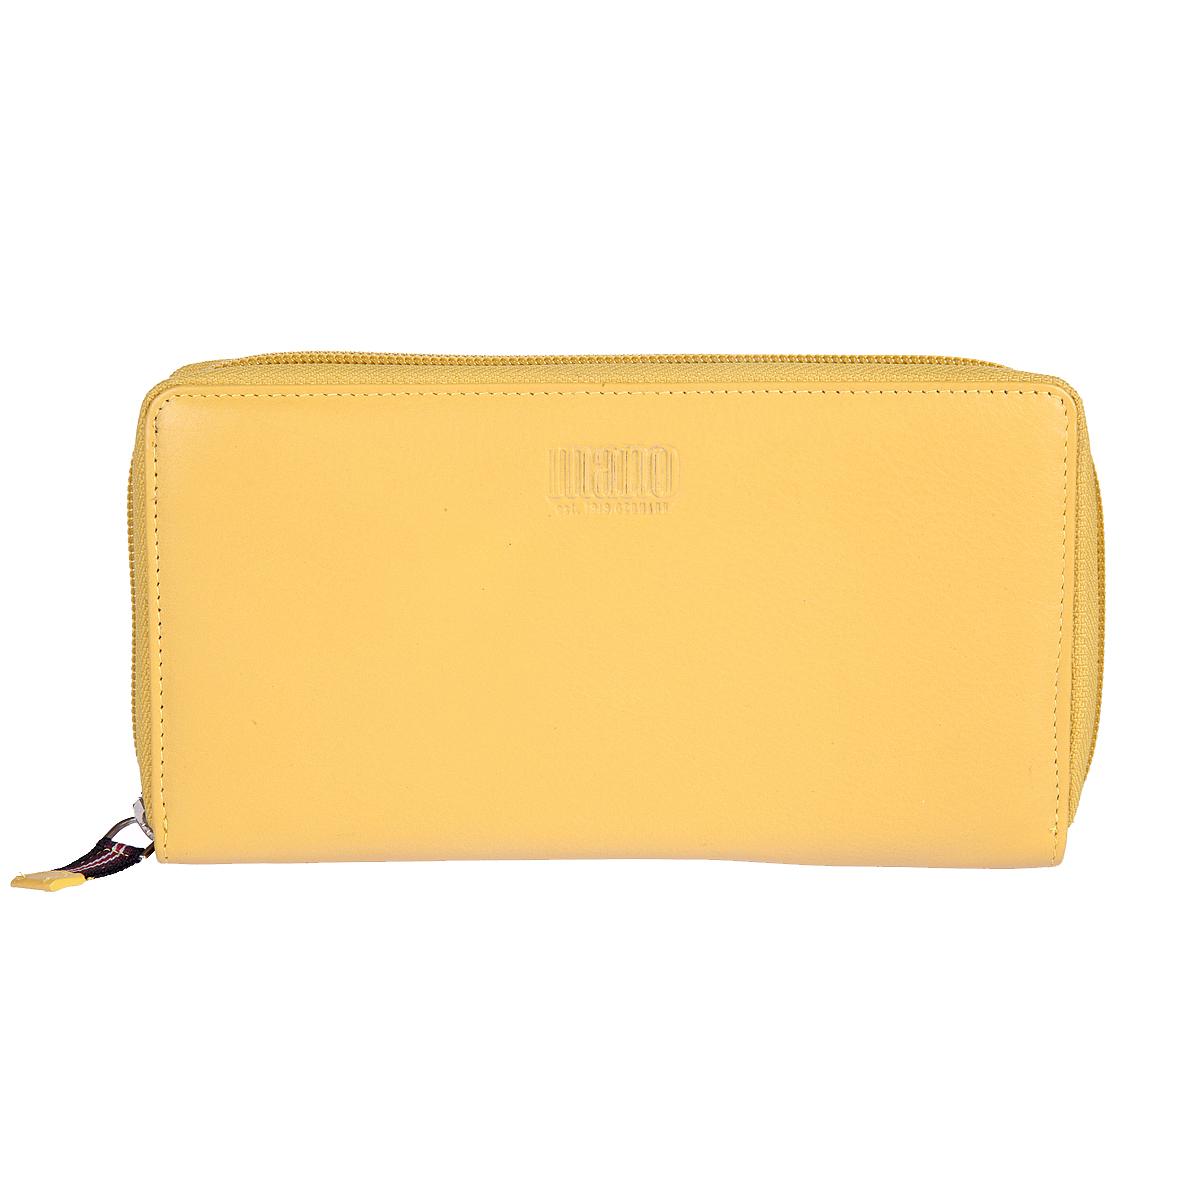 Кошелек женский Mano, цвет: желтый. 20102 SETRU yellow20102 SETRU yellowЗакрывается по периметру на молнию внутри четыре отдела для купюр карман для мелочи на молнии два кармана для документов восемь кармашков для пластиковых карт